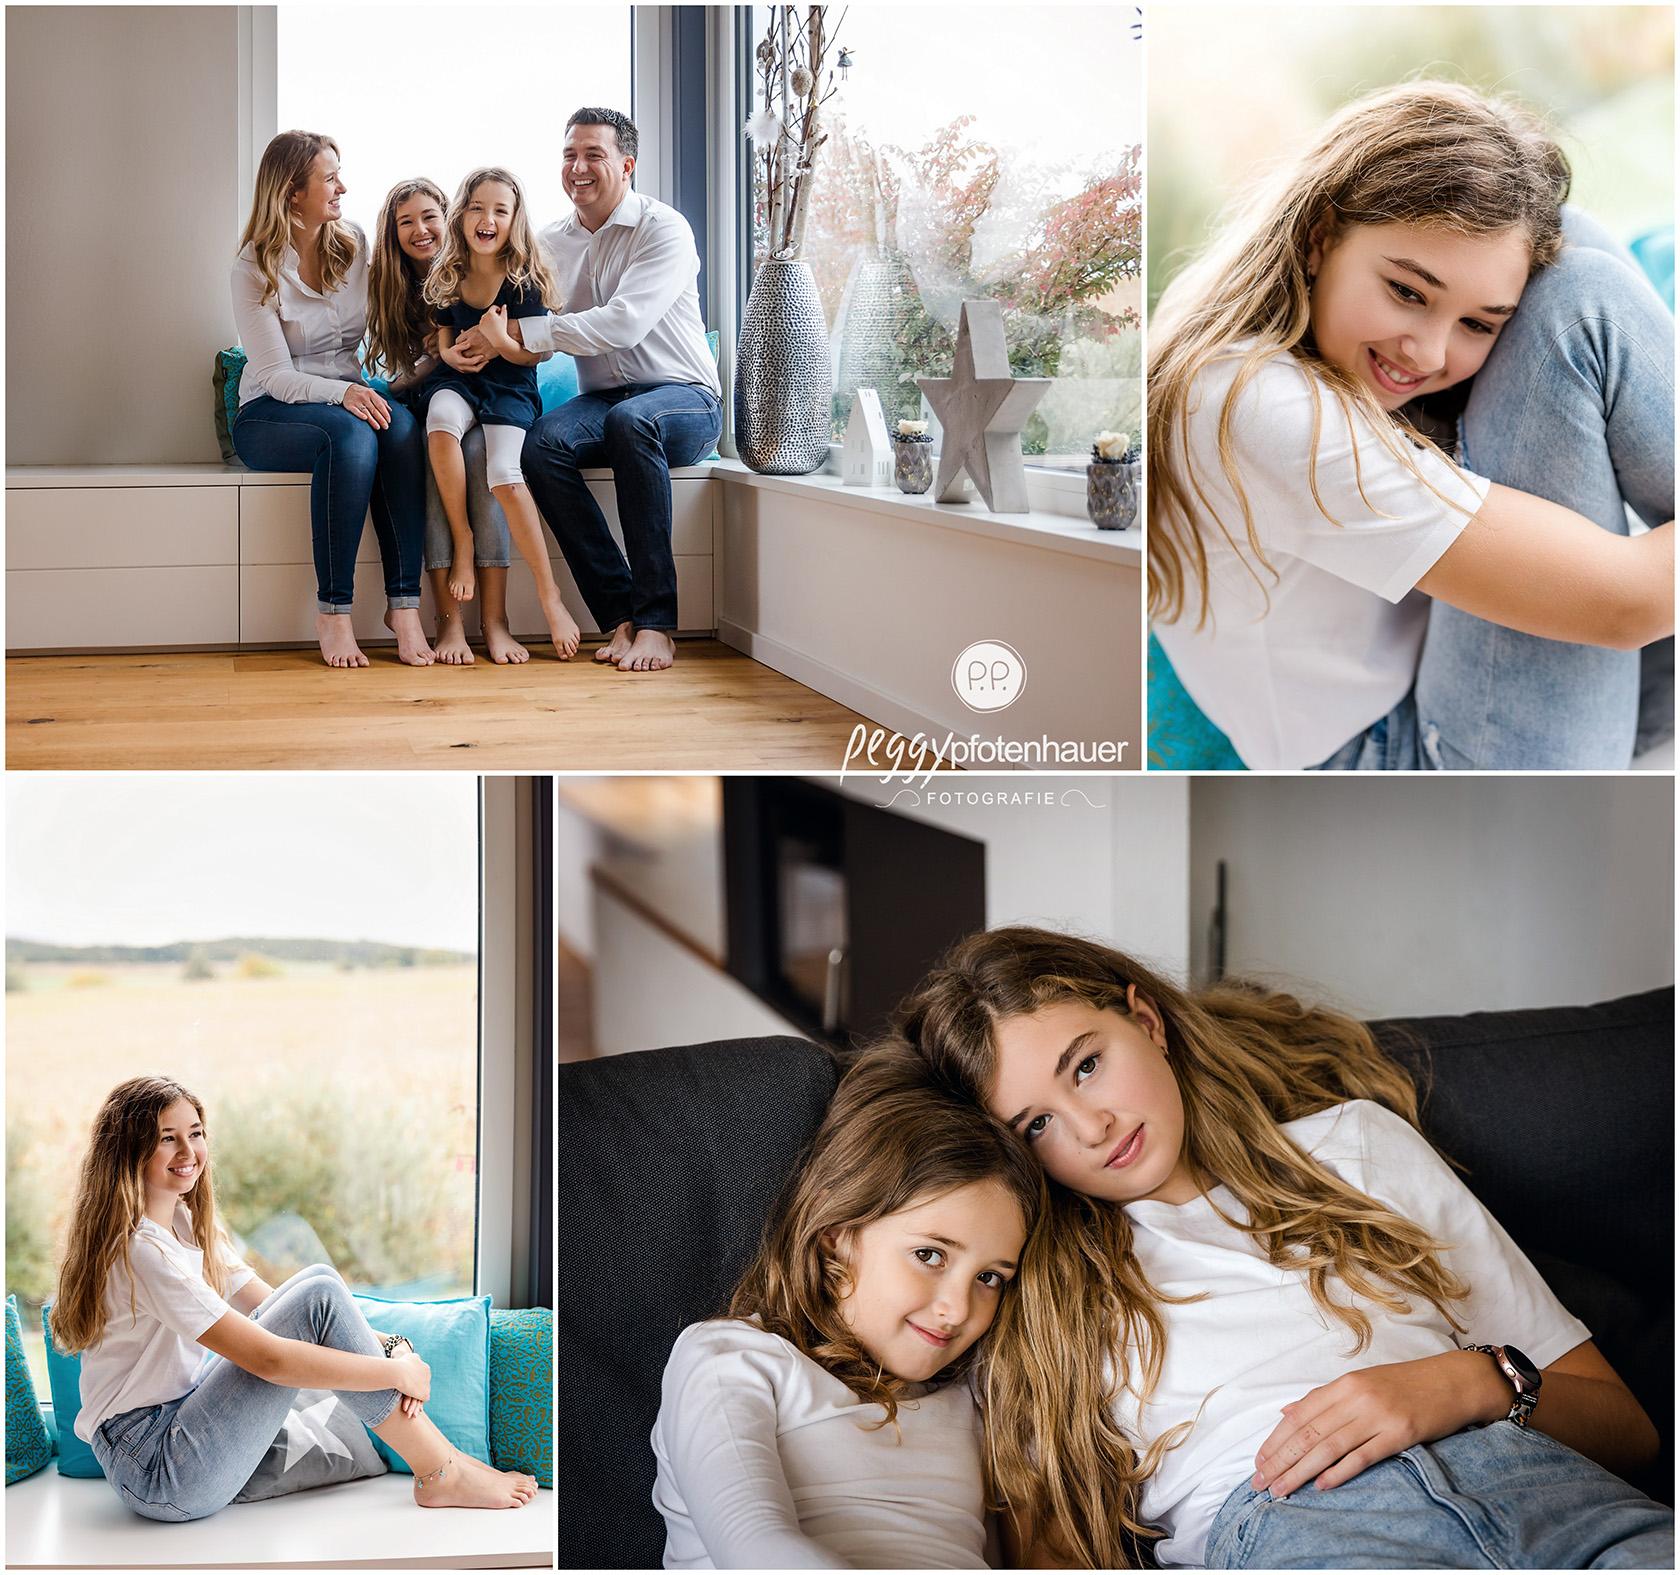 Bilder im eigenen Haus